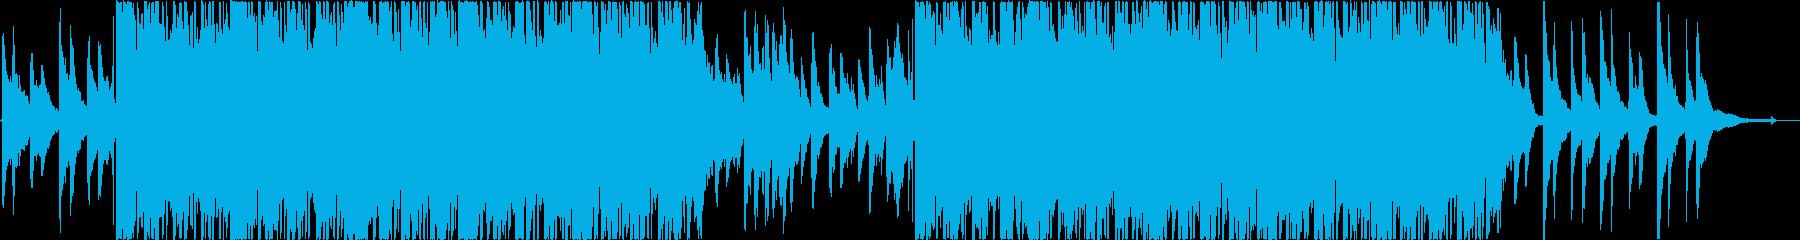 哀愁感のあるコーポレート向きBGMの再生済みの波形